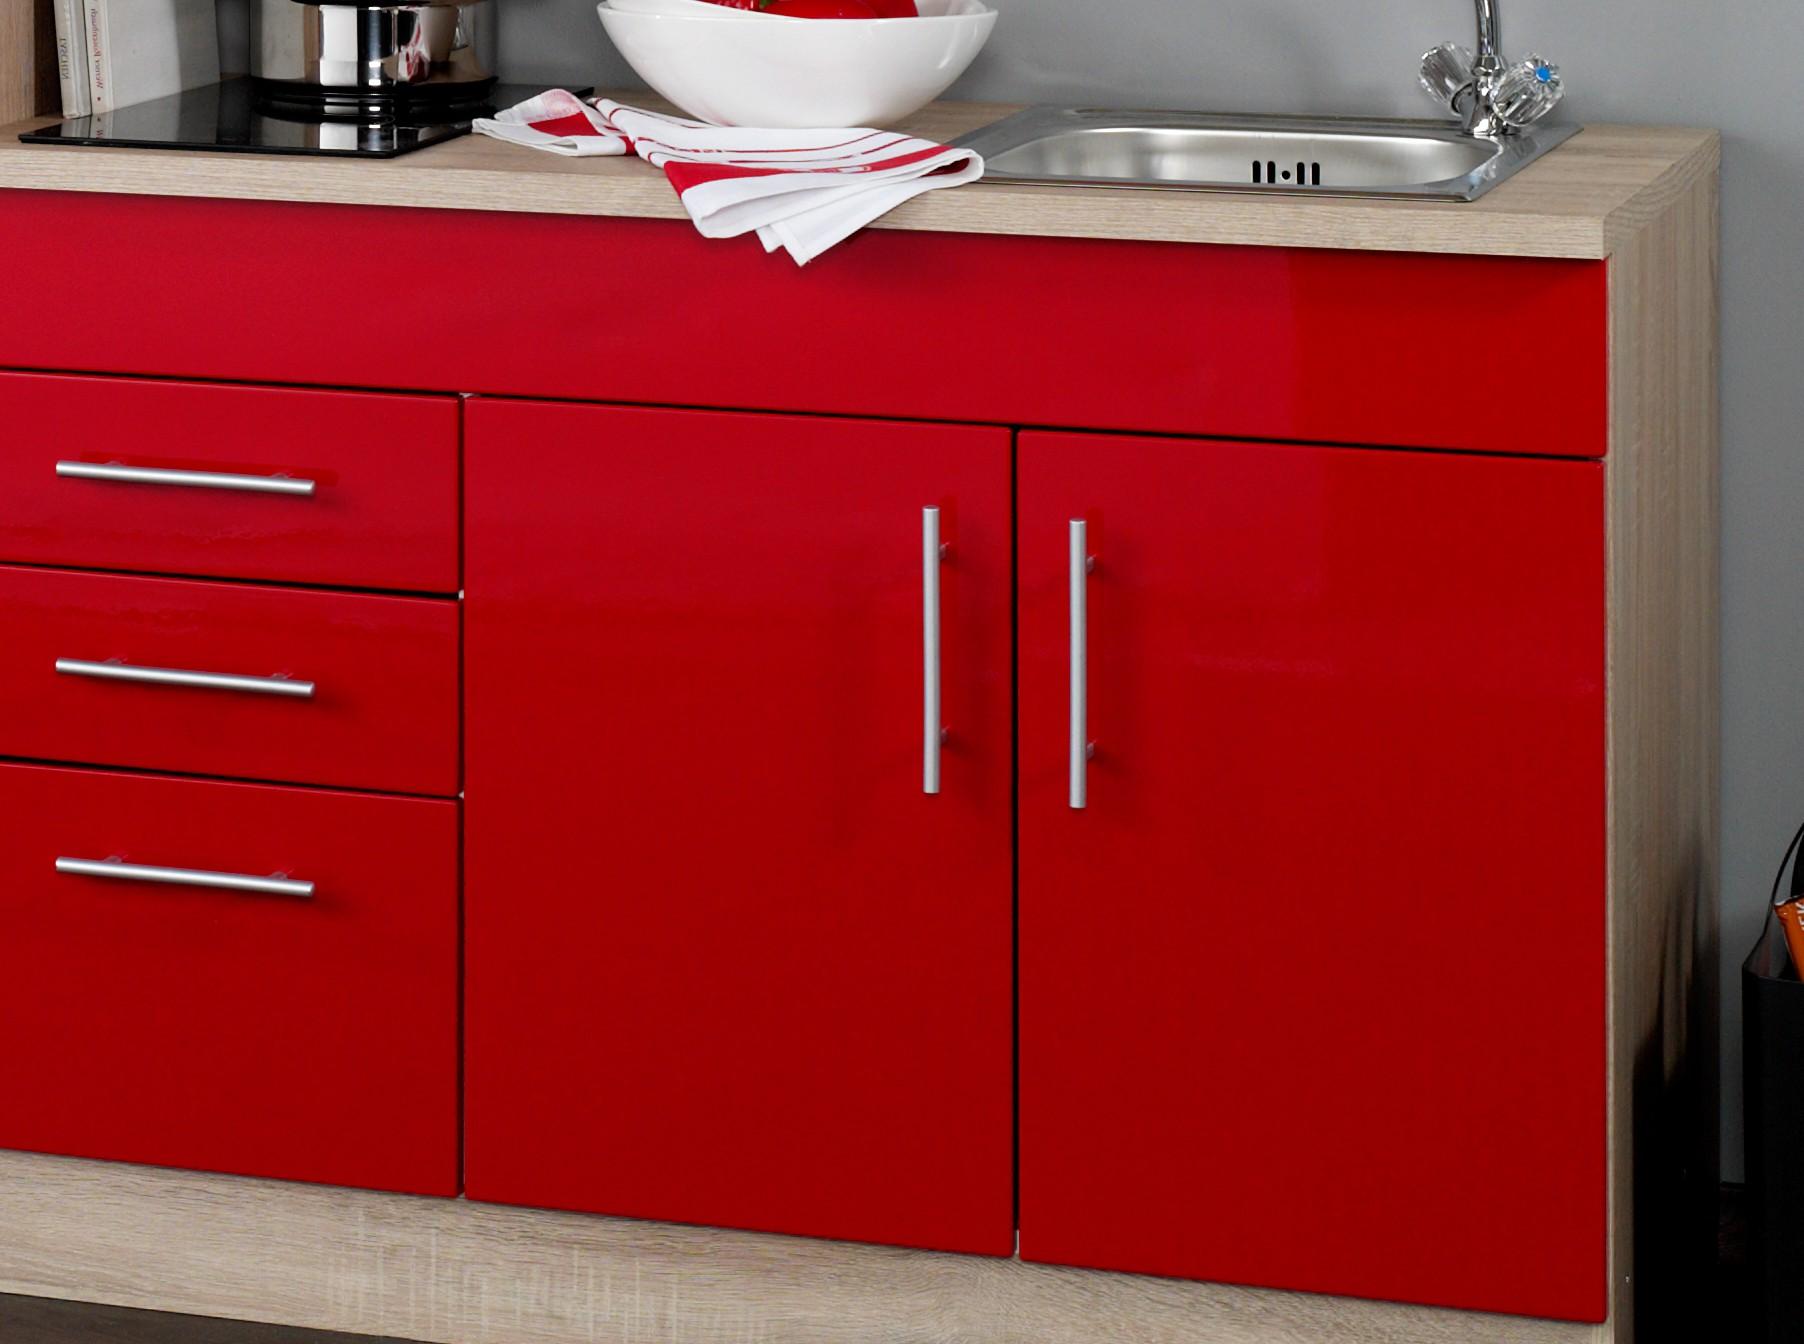 singlek che berlin glaskeramik kochfeld und k hlschrank breite 210 cm hochglanz rot. Black Bedroom Furniture Sets. Home Design Ideas